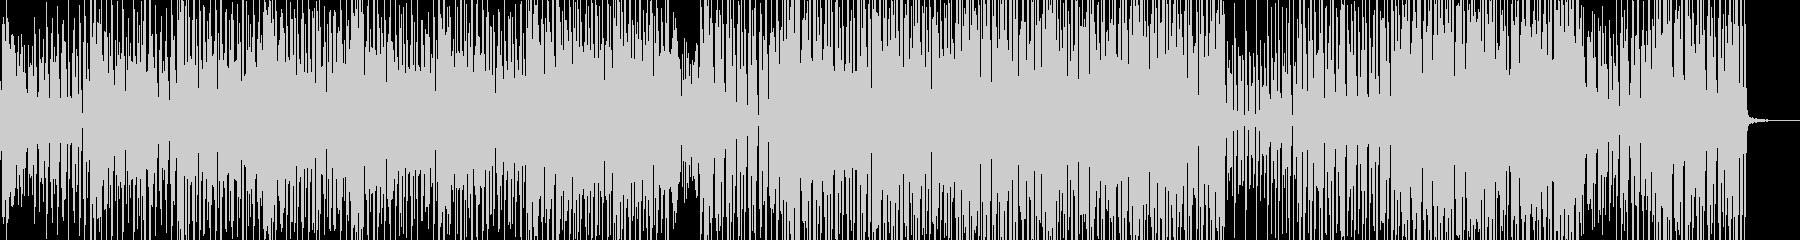 野蛮なリズムとメロディ・クラブテクノ Bの未再生の波形